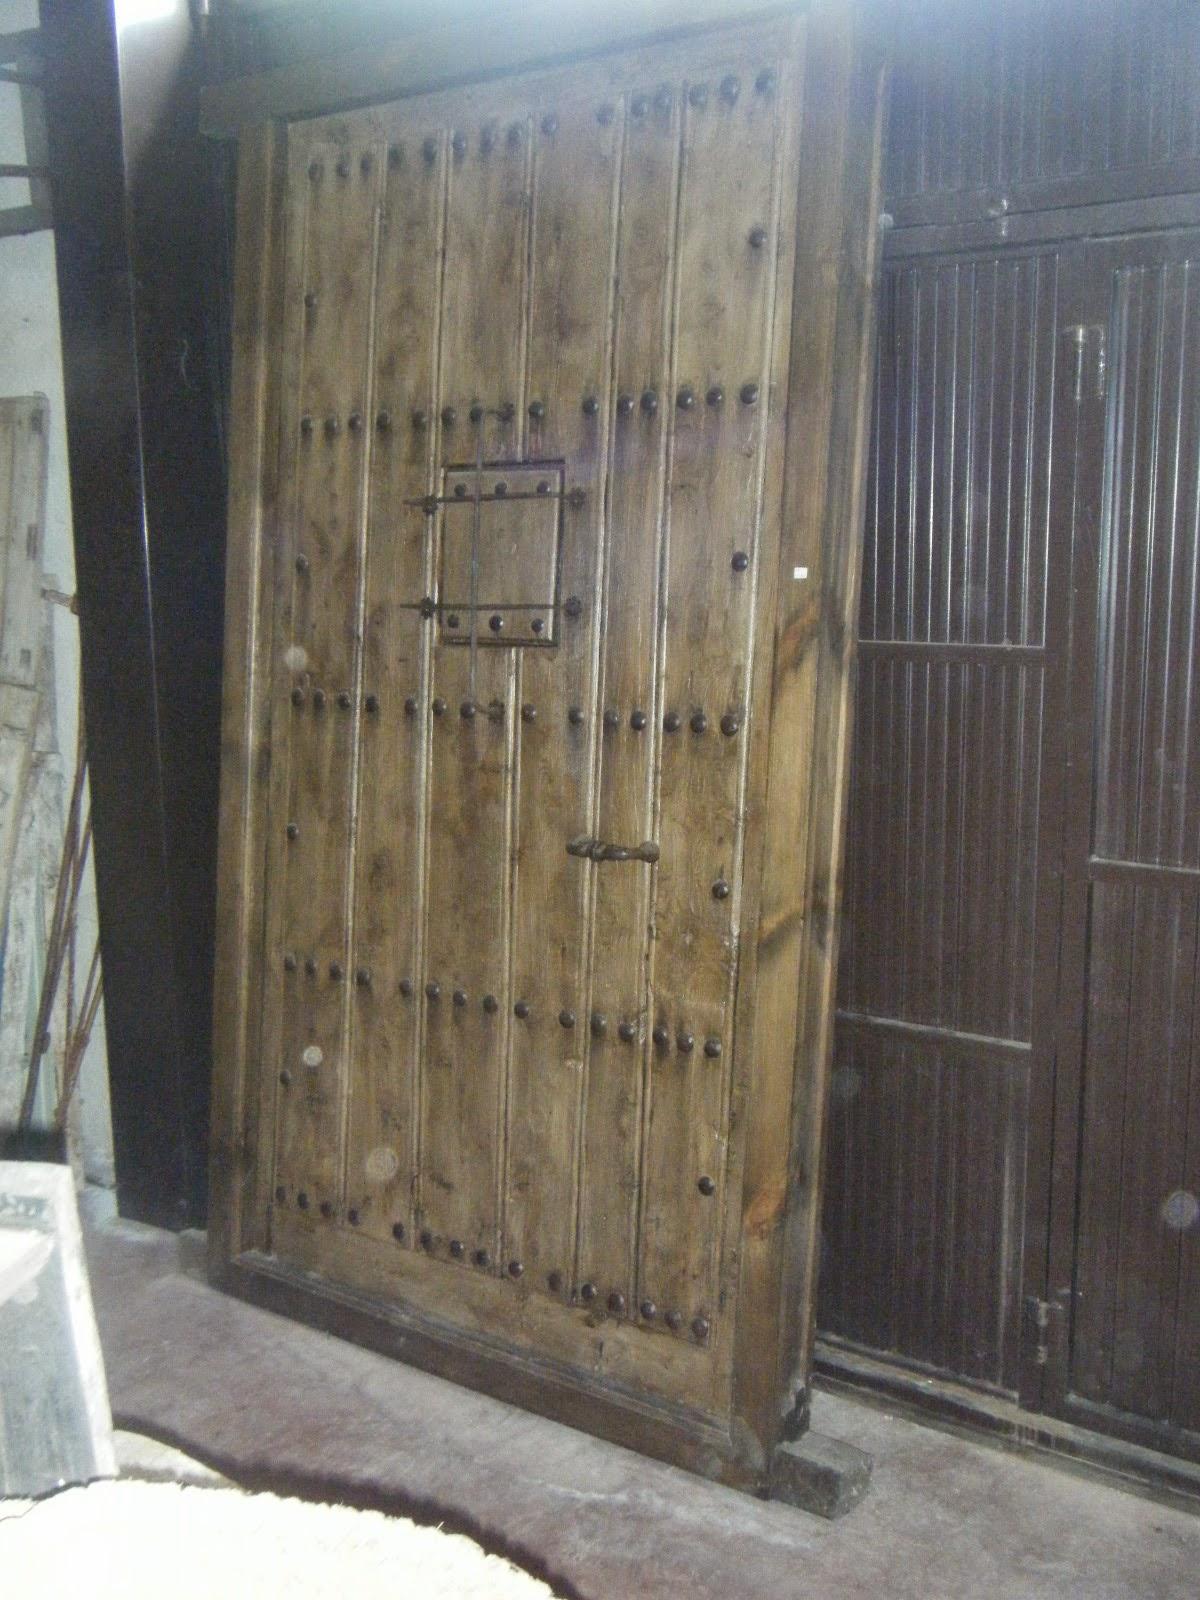 Antig edades almagro puertas ventanucos herrajes for Puertas de madera en concepcion